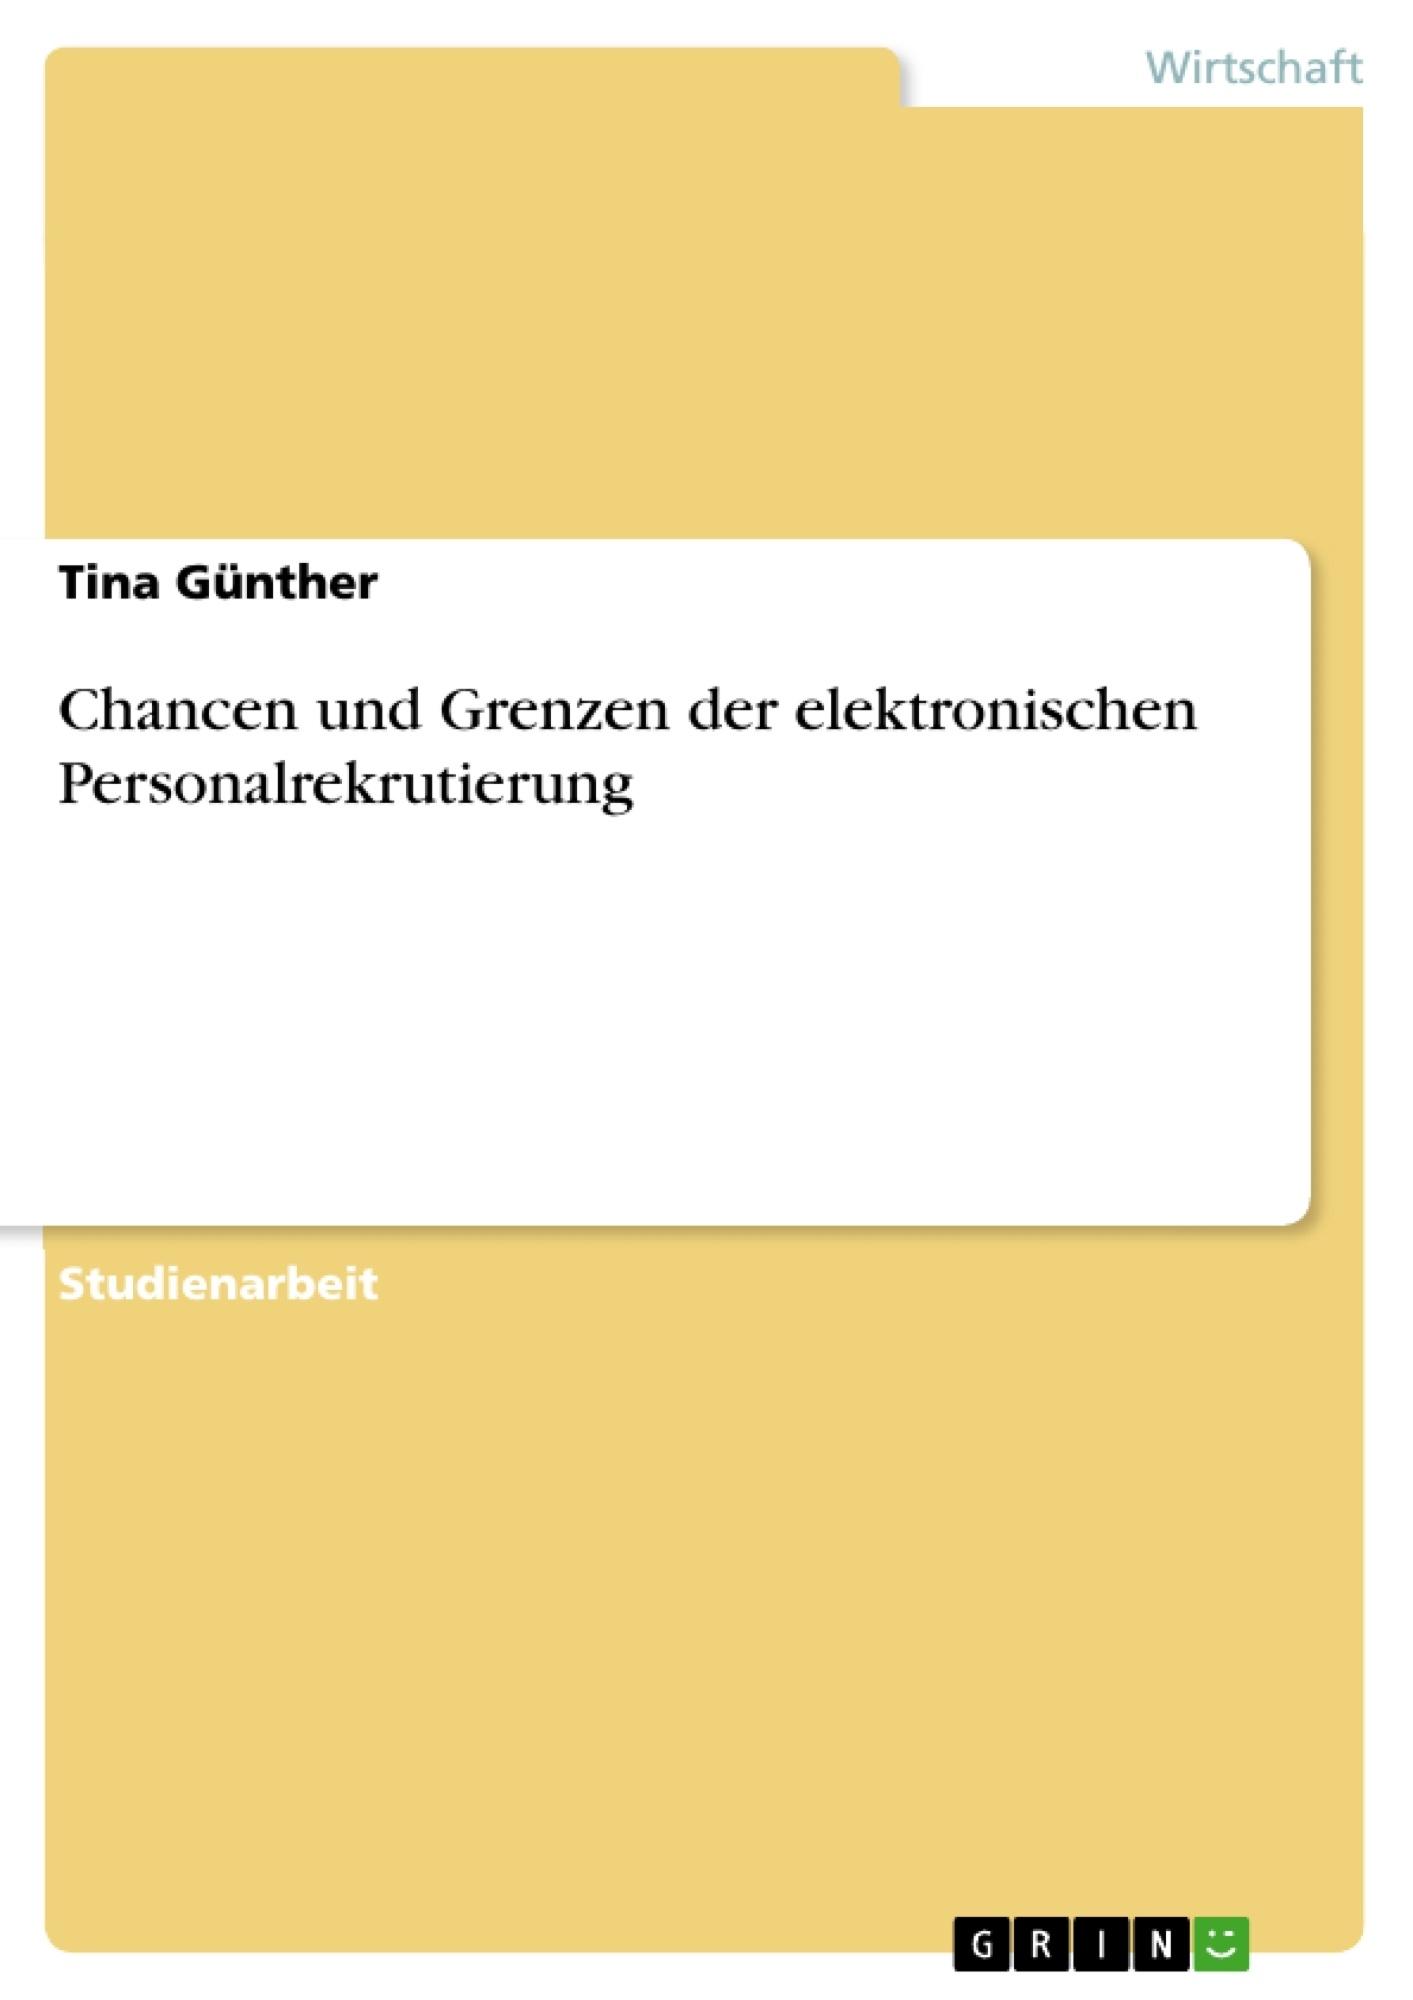 Titel: Chancen und Grenzen der elektronischen Personalrekrutierung